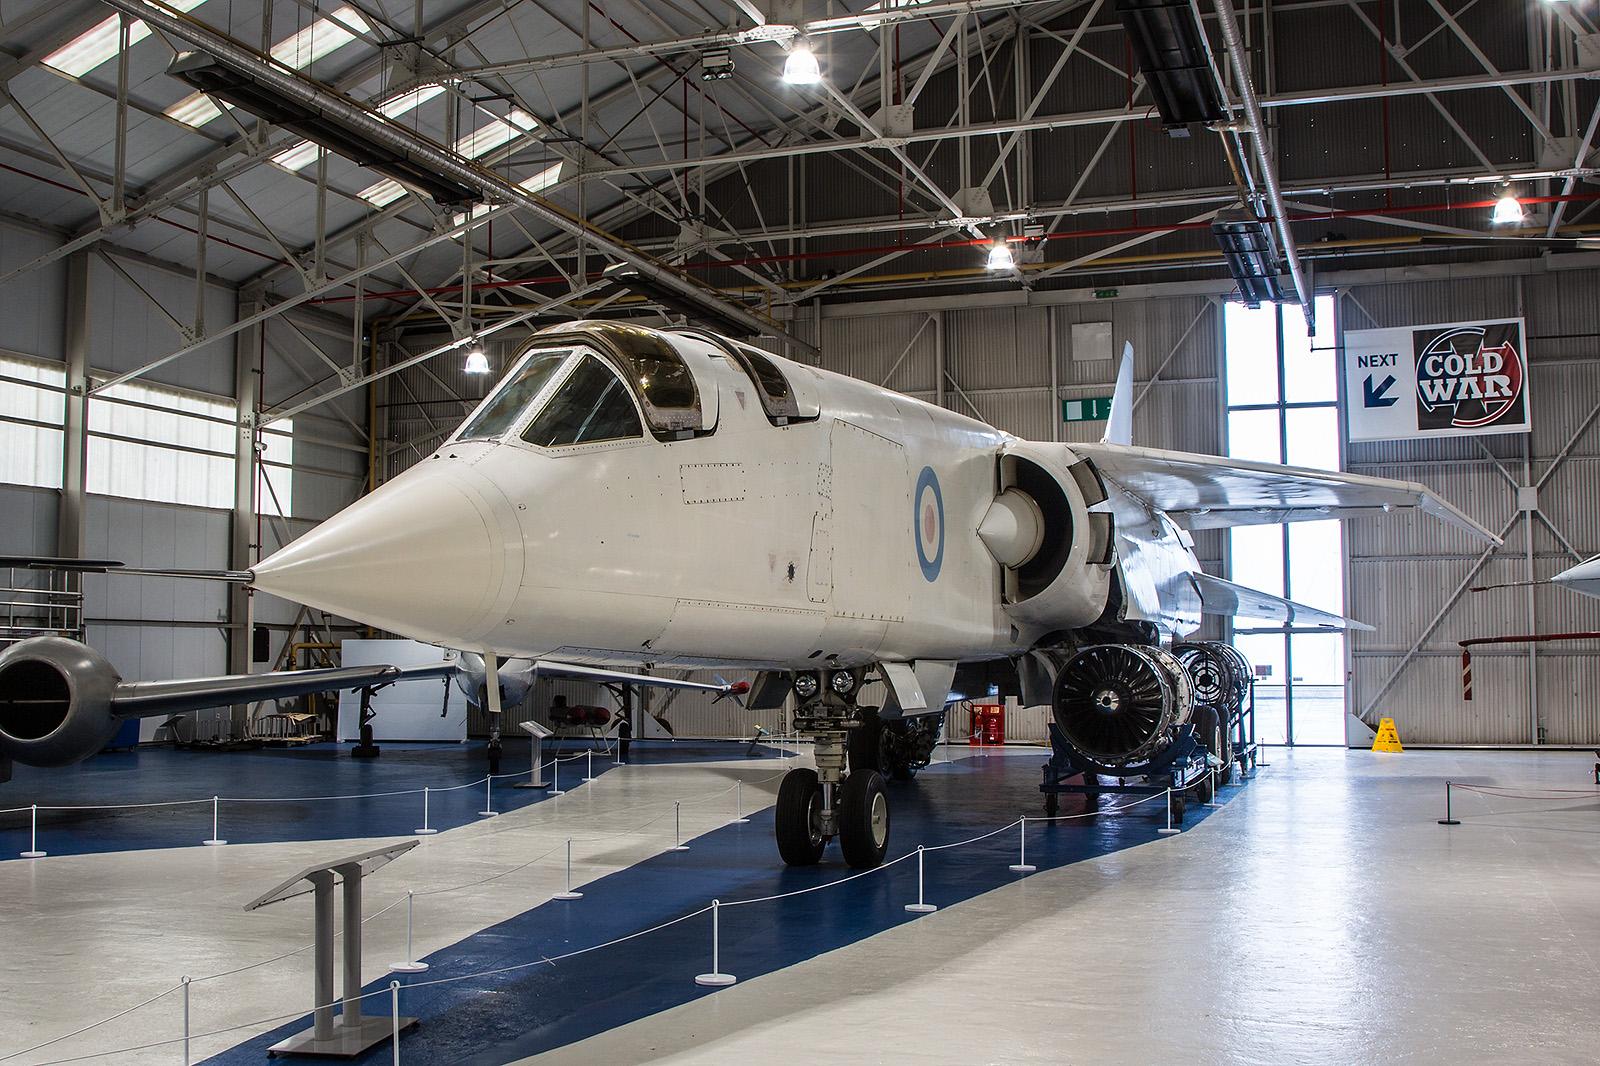 Von der BAC TSR-2 wurde nur drei Exemplare gebaut. Zwei sind noch erhalten, diese in Cosford und eine weitere in Duxford.